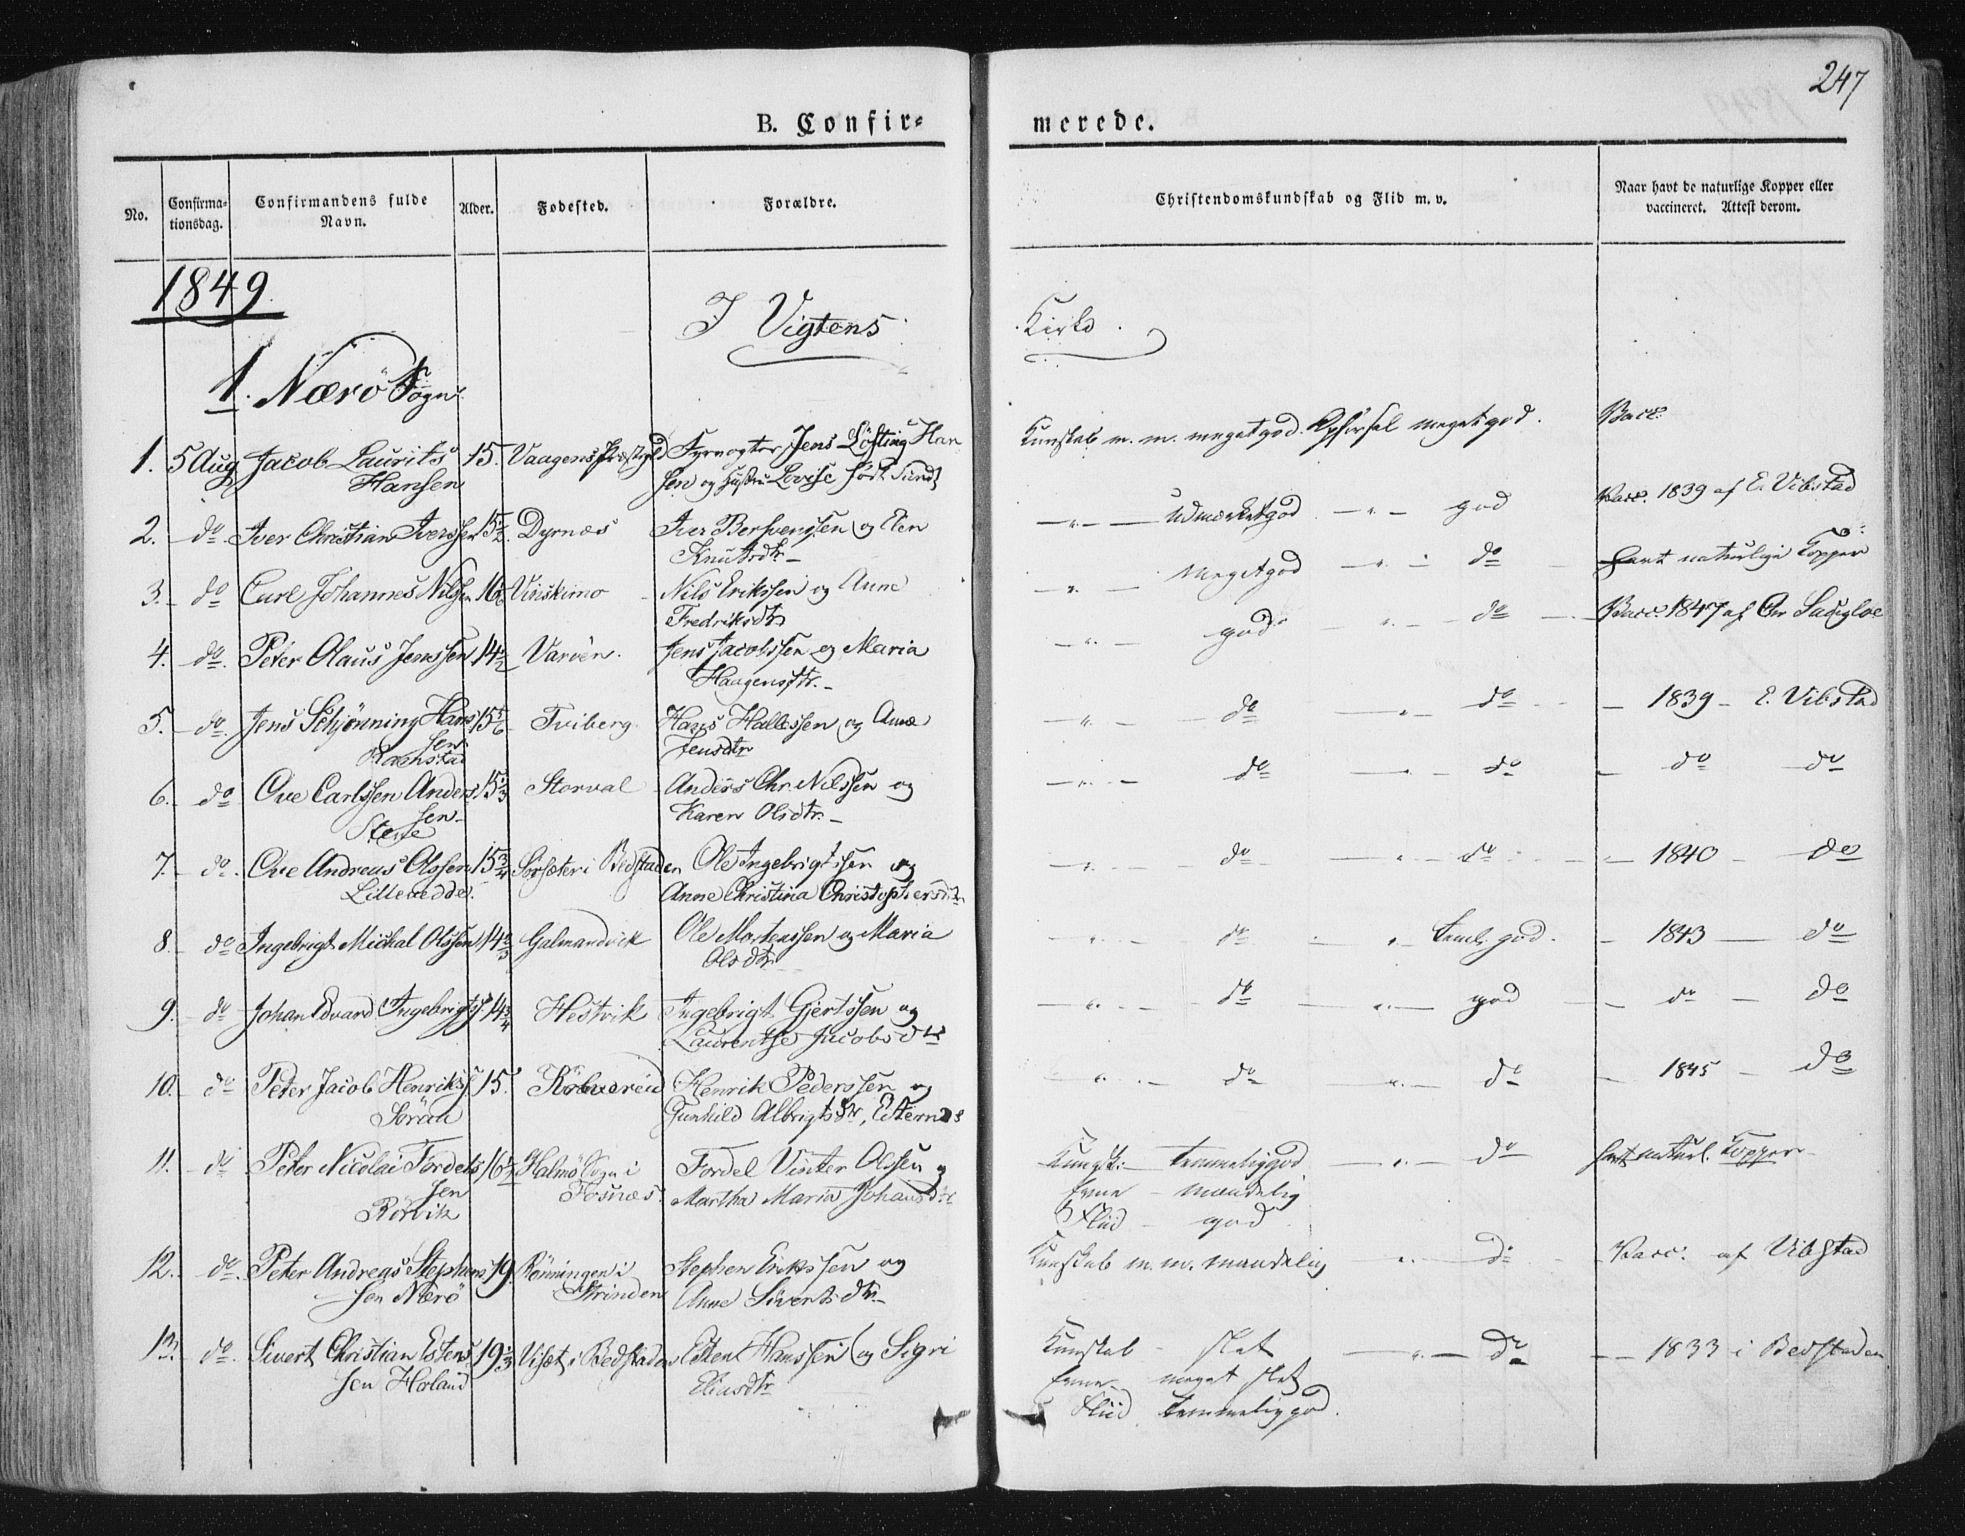 SAT, Ministerialprotokoller, klokkerbøker og fødselsregistre - Nord-Trøndelag, 784/L0669: Ministerialbok nr. 784A04, 1829-1859, s. 247